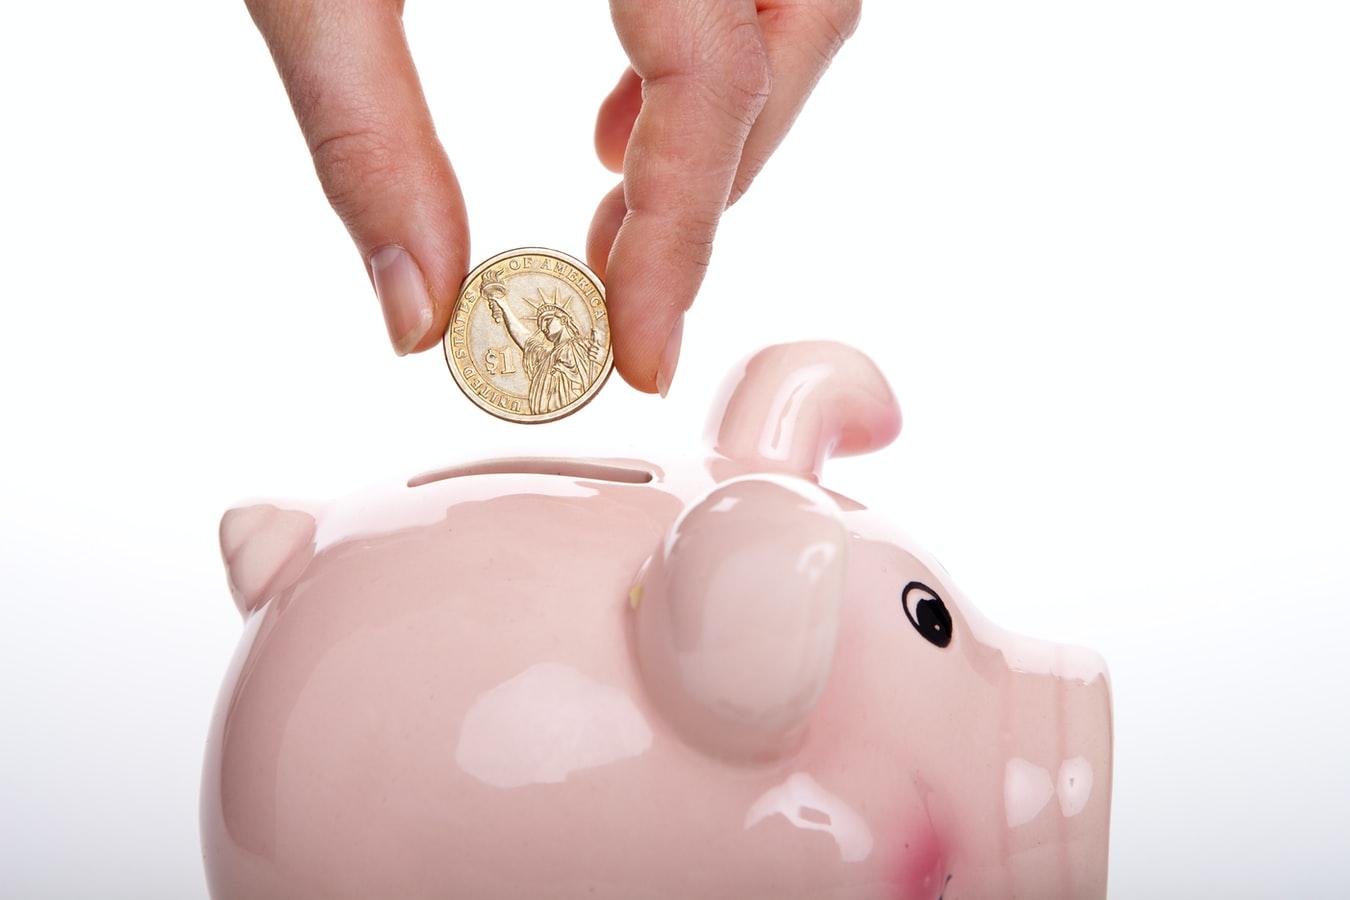 ドルコスト平均法と相性の良い投資スタイル